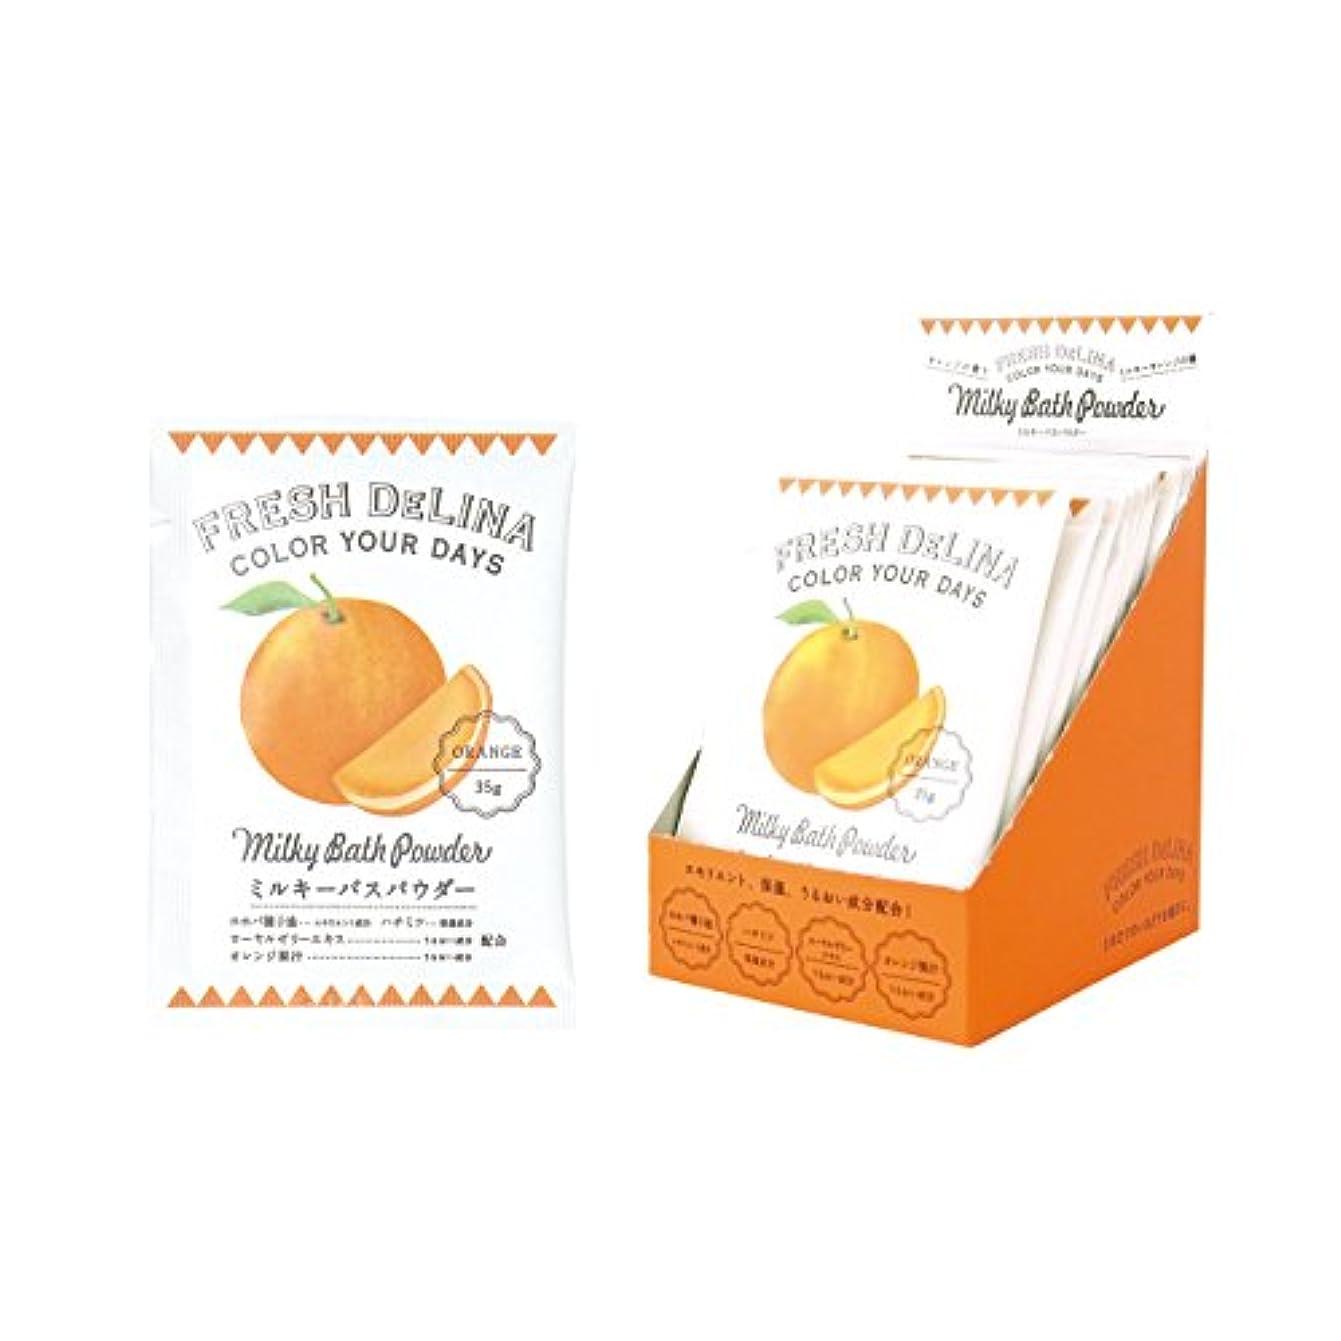 分割税金廃止するフレッシュデリーナ ミルキーバスパウダー 35g (オレンジ) 12個 (白濁タイプ入浴料 日本製 フレッシュな柑橘系の香り)